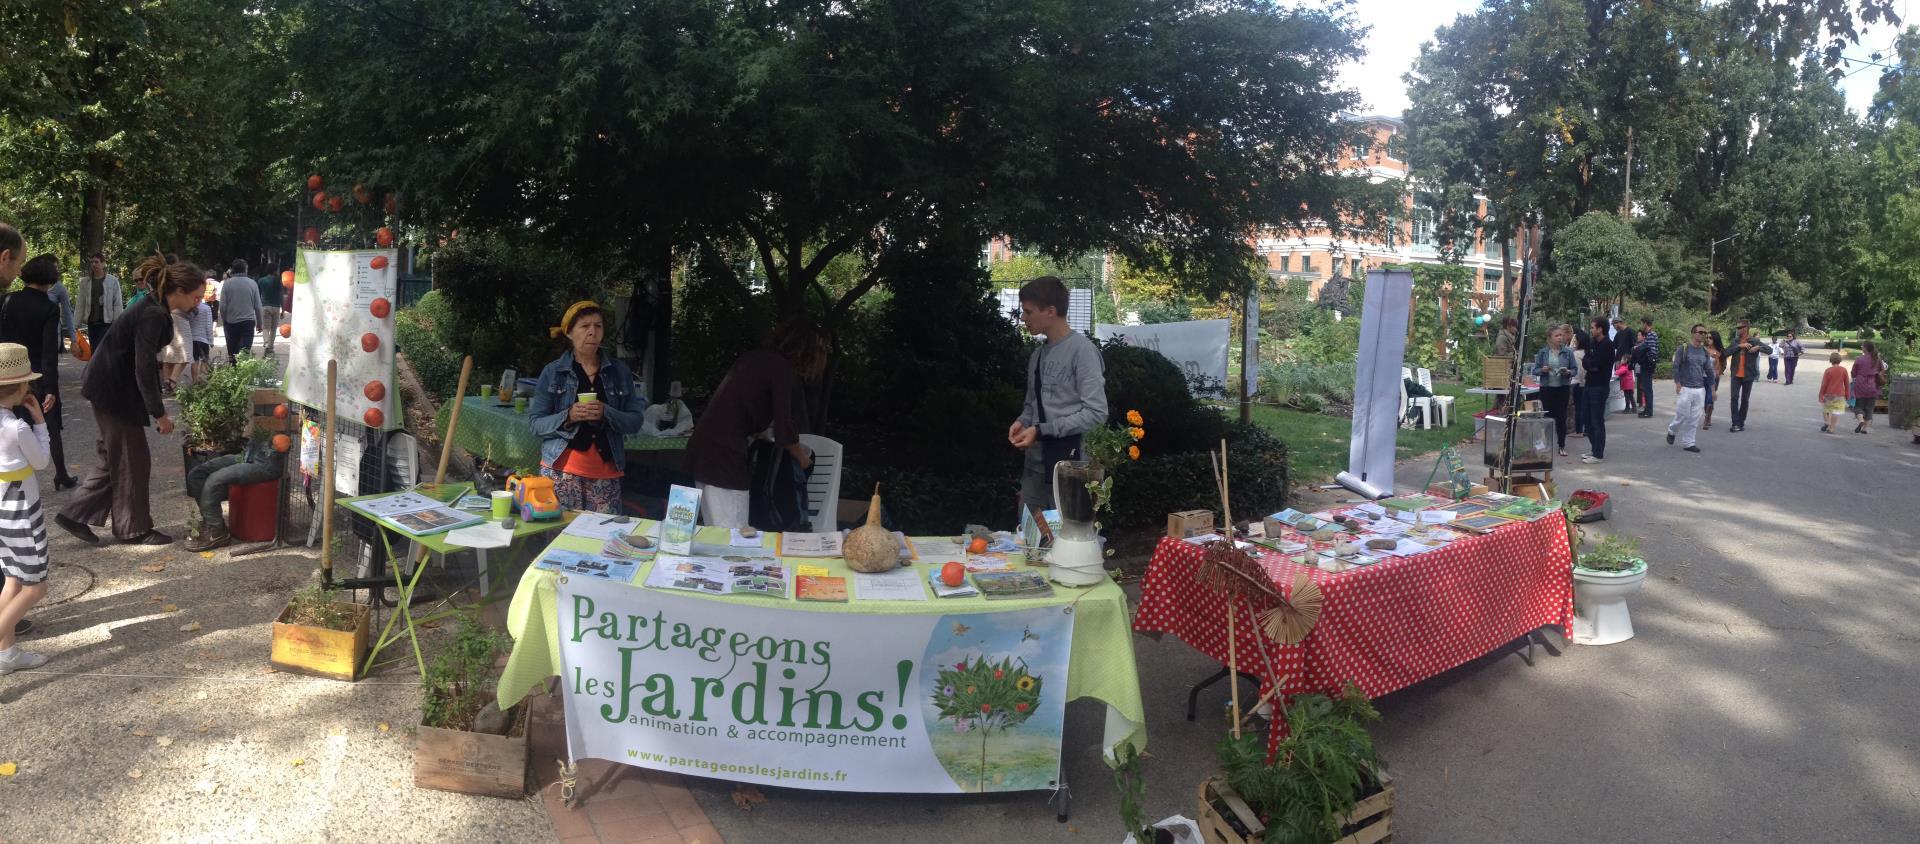 Adhésion Partageons Les Jardins 2019 - Partageons les jardins !